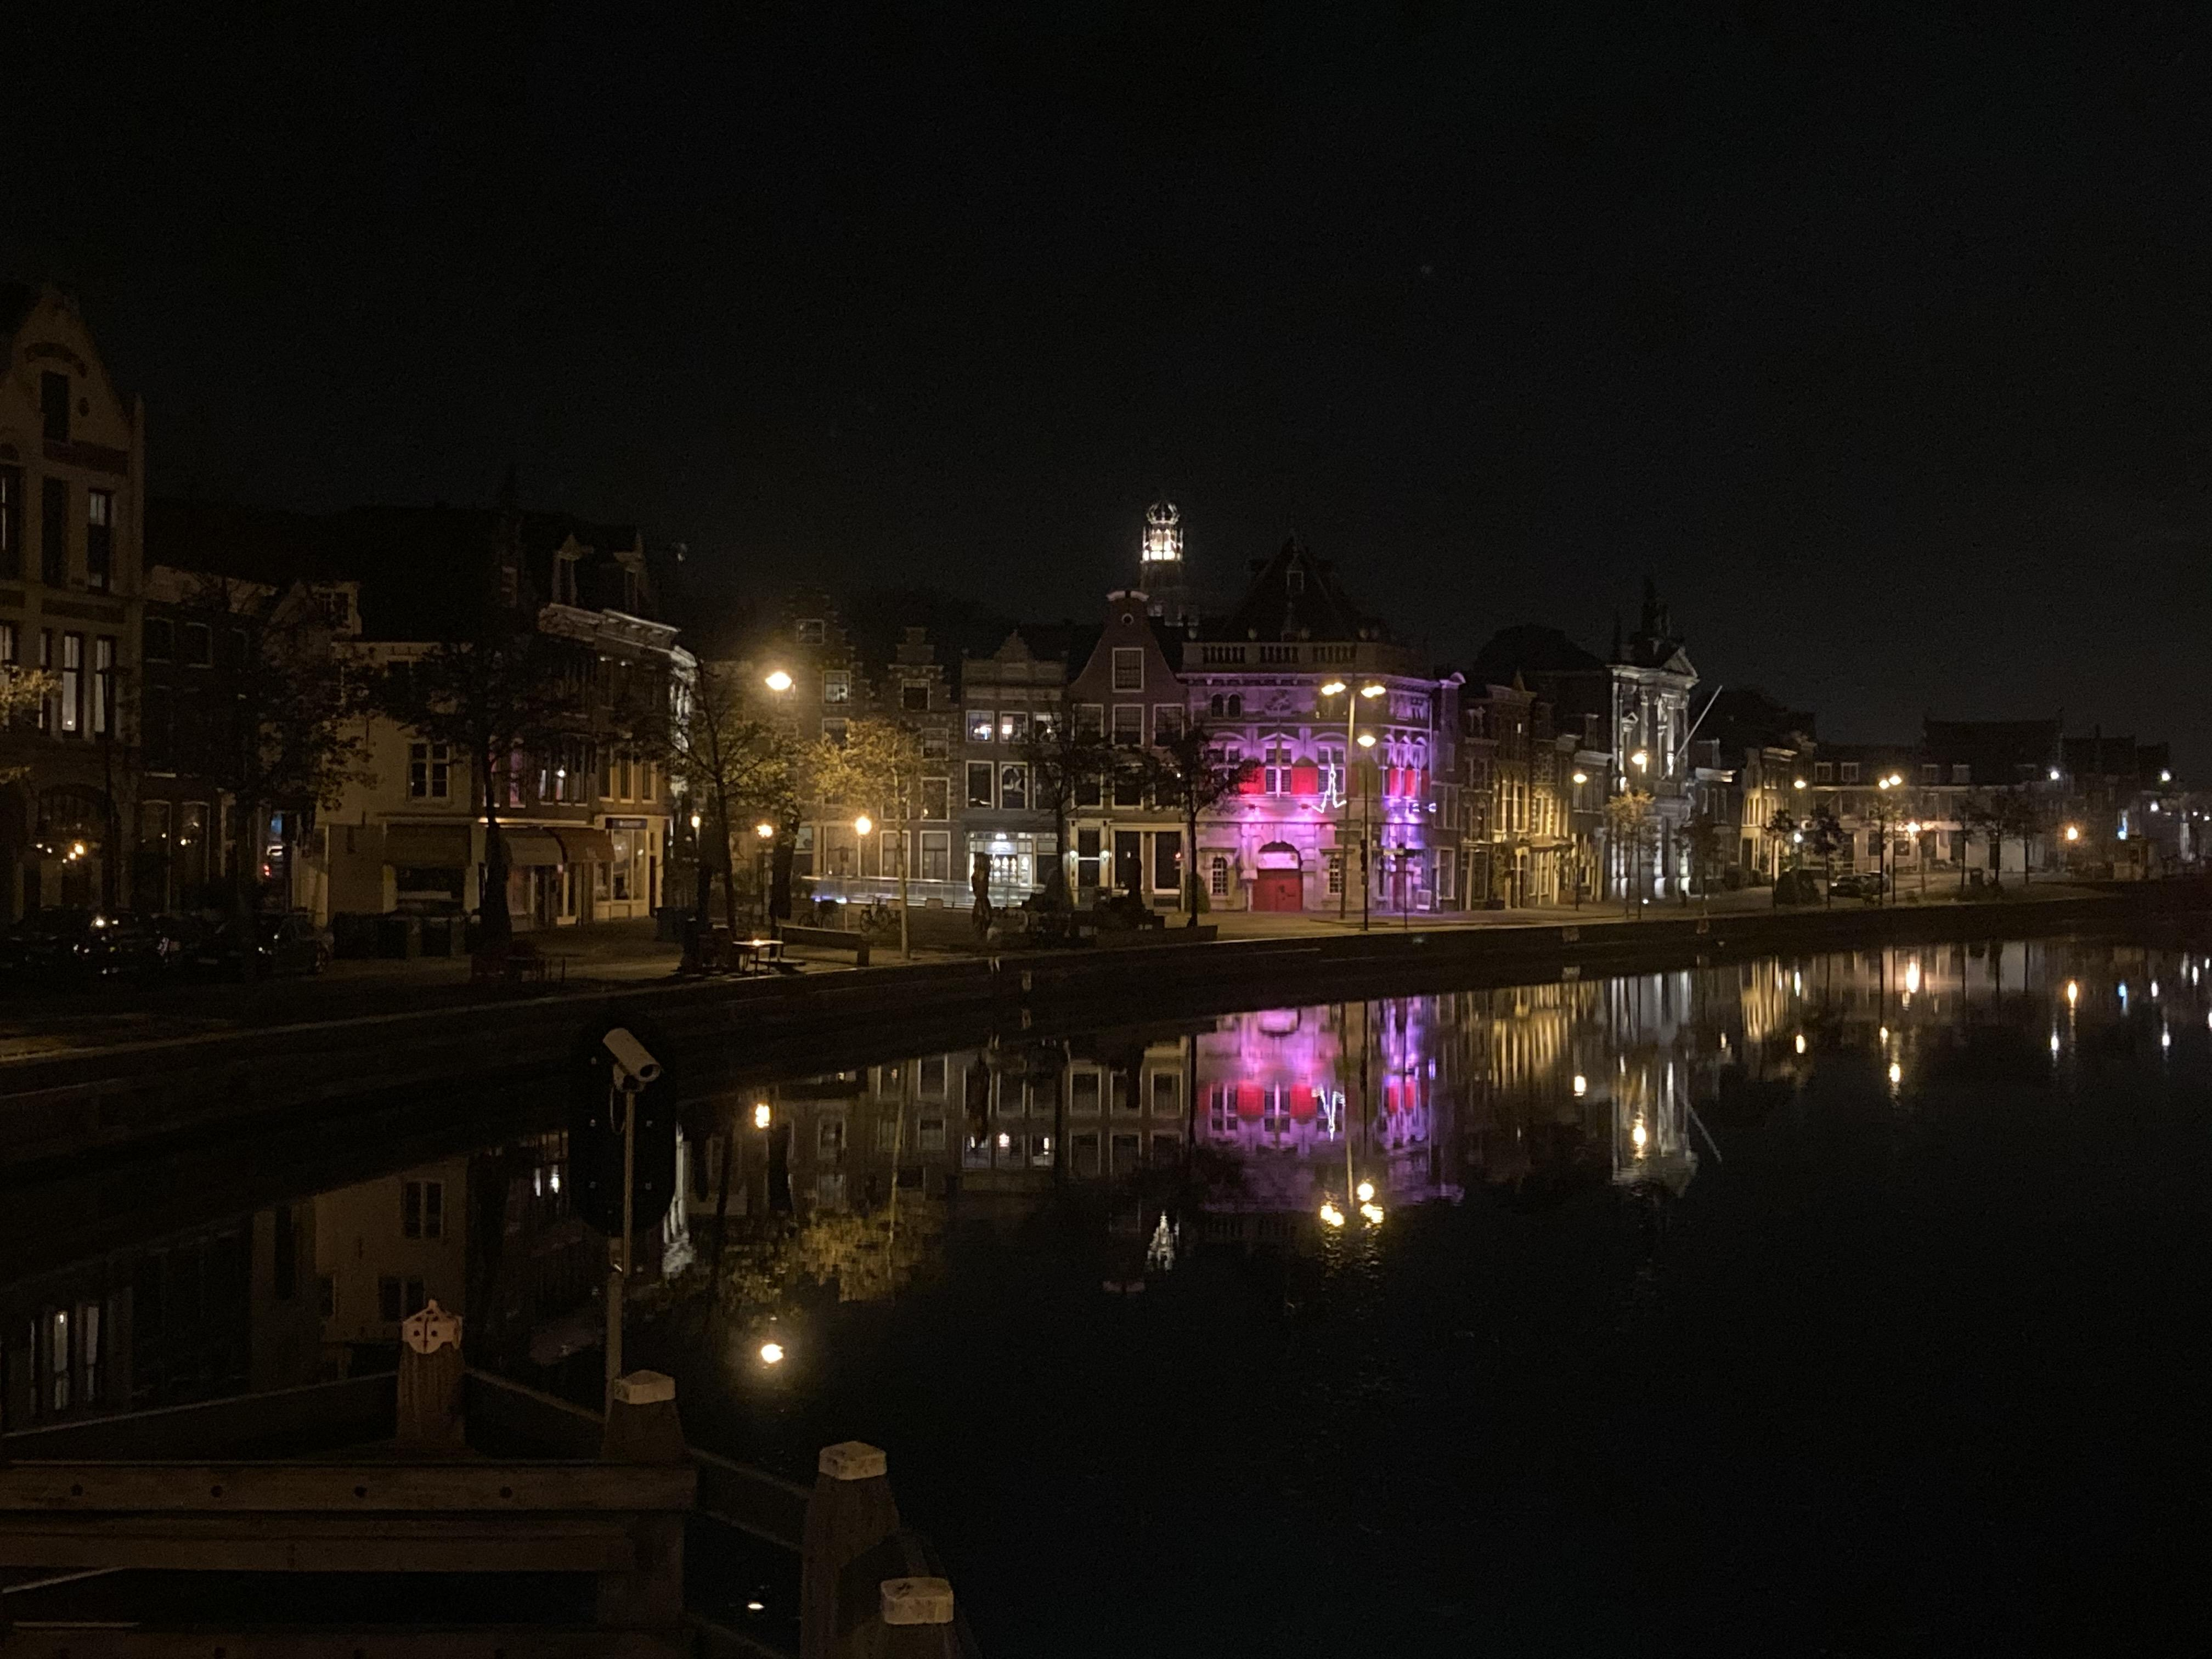 Juist in coronatijd valt vooral 's avonds de schoonheid van de stad op | column